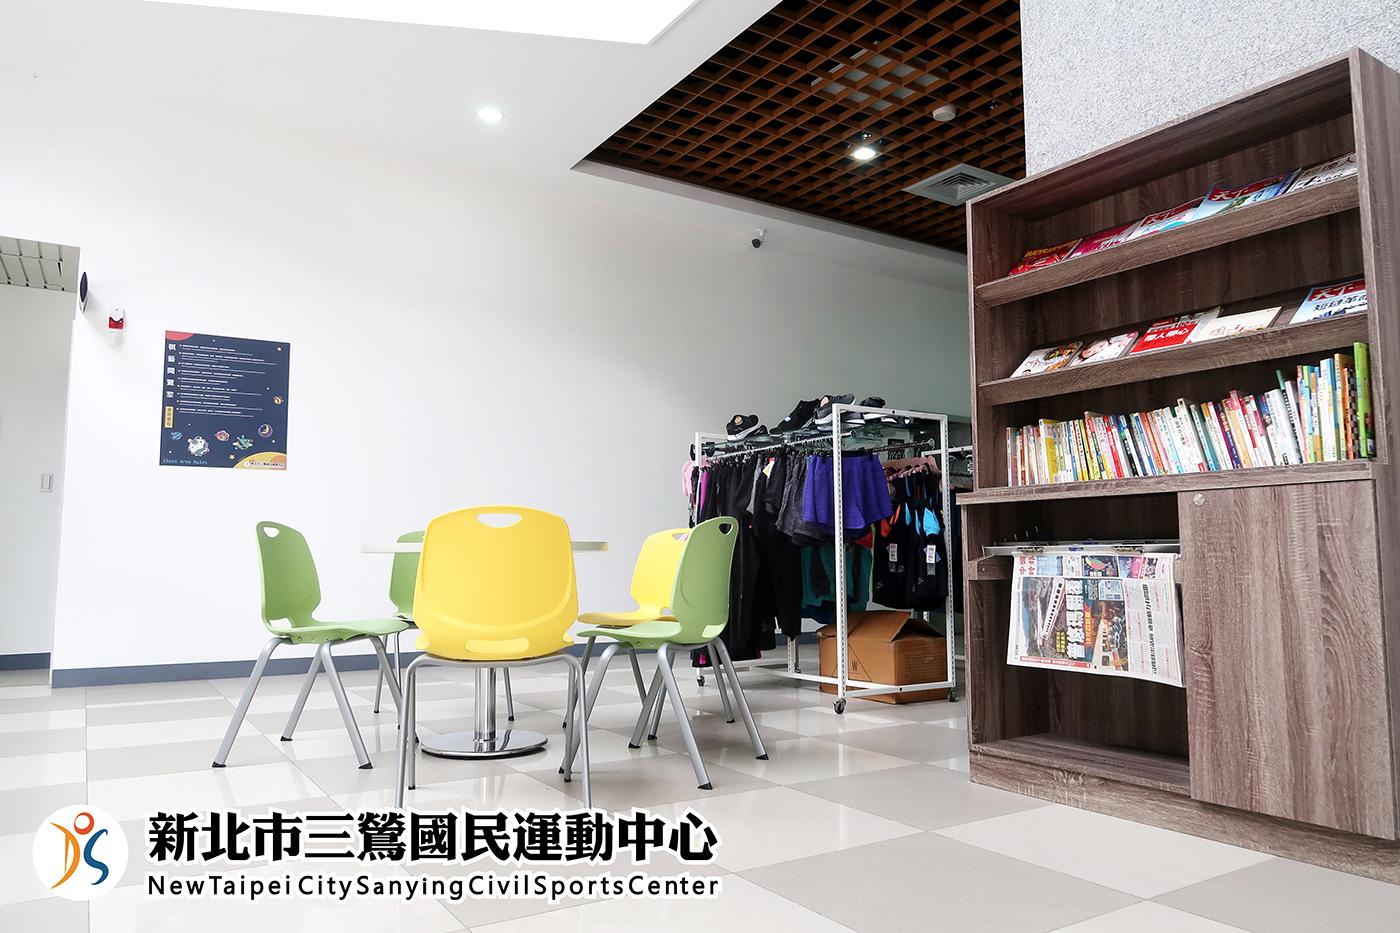 棋藝閱覽室座位區(jpg)